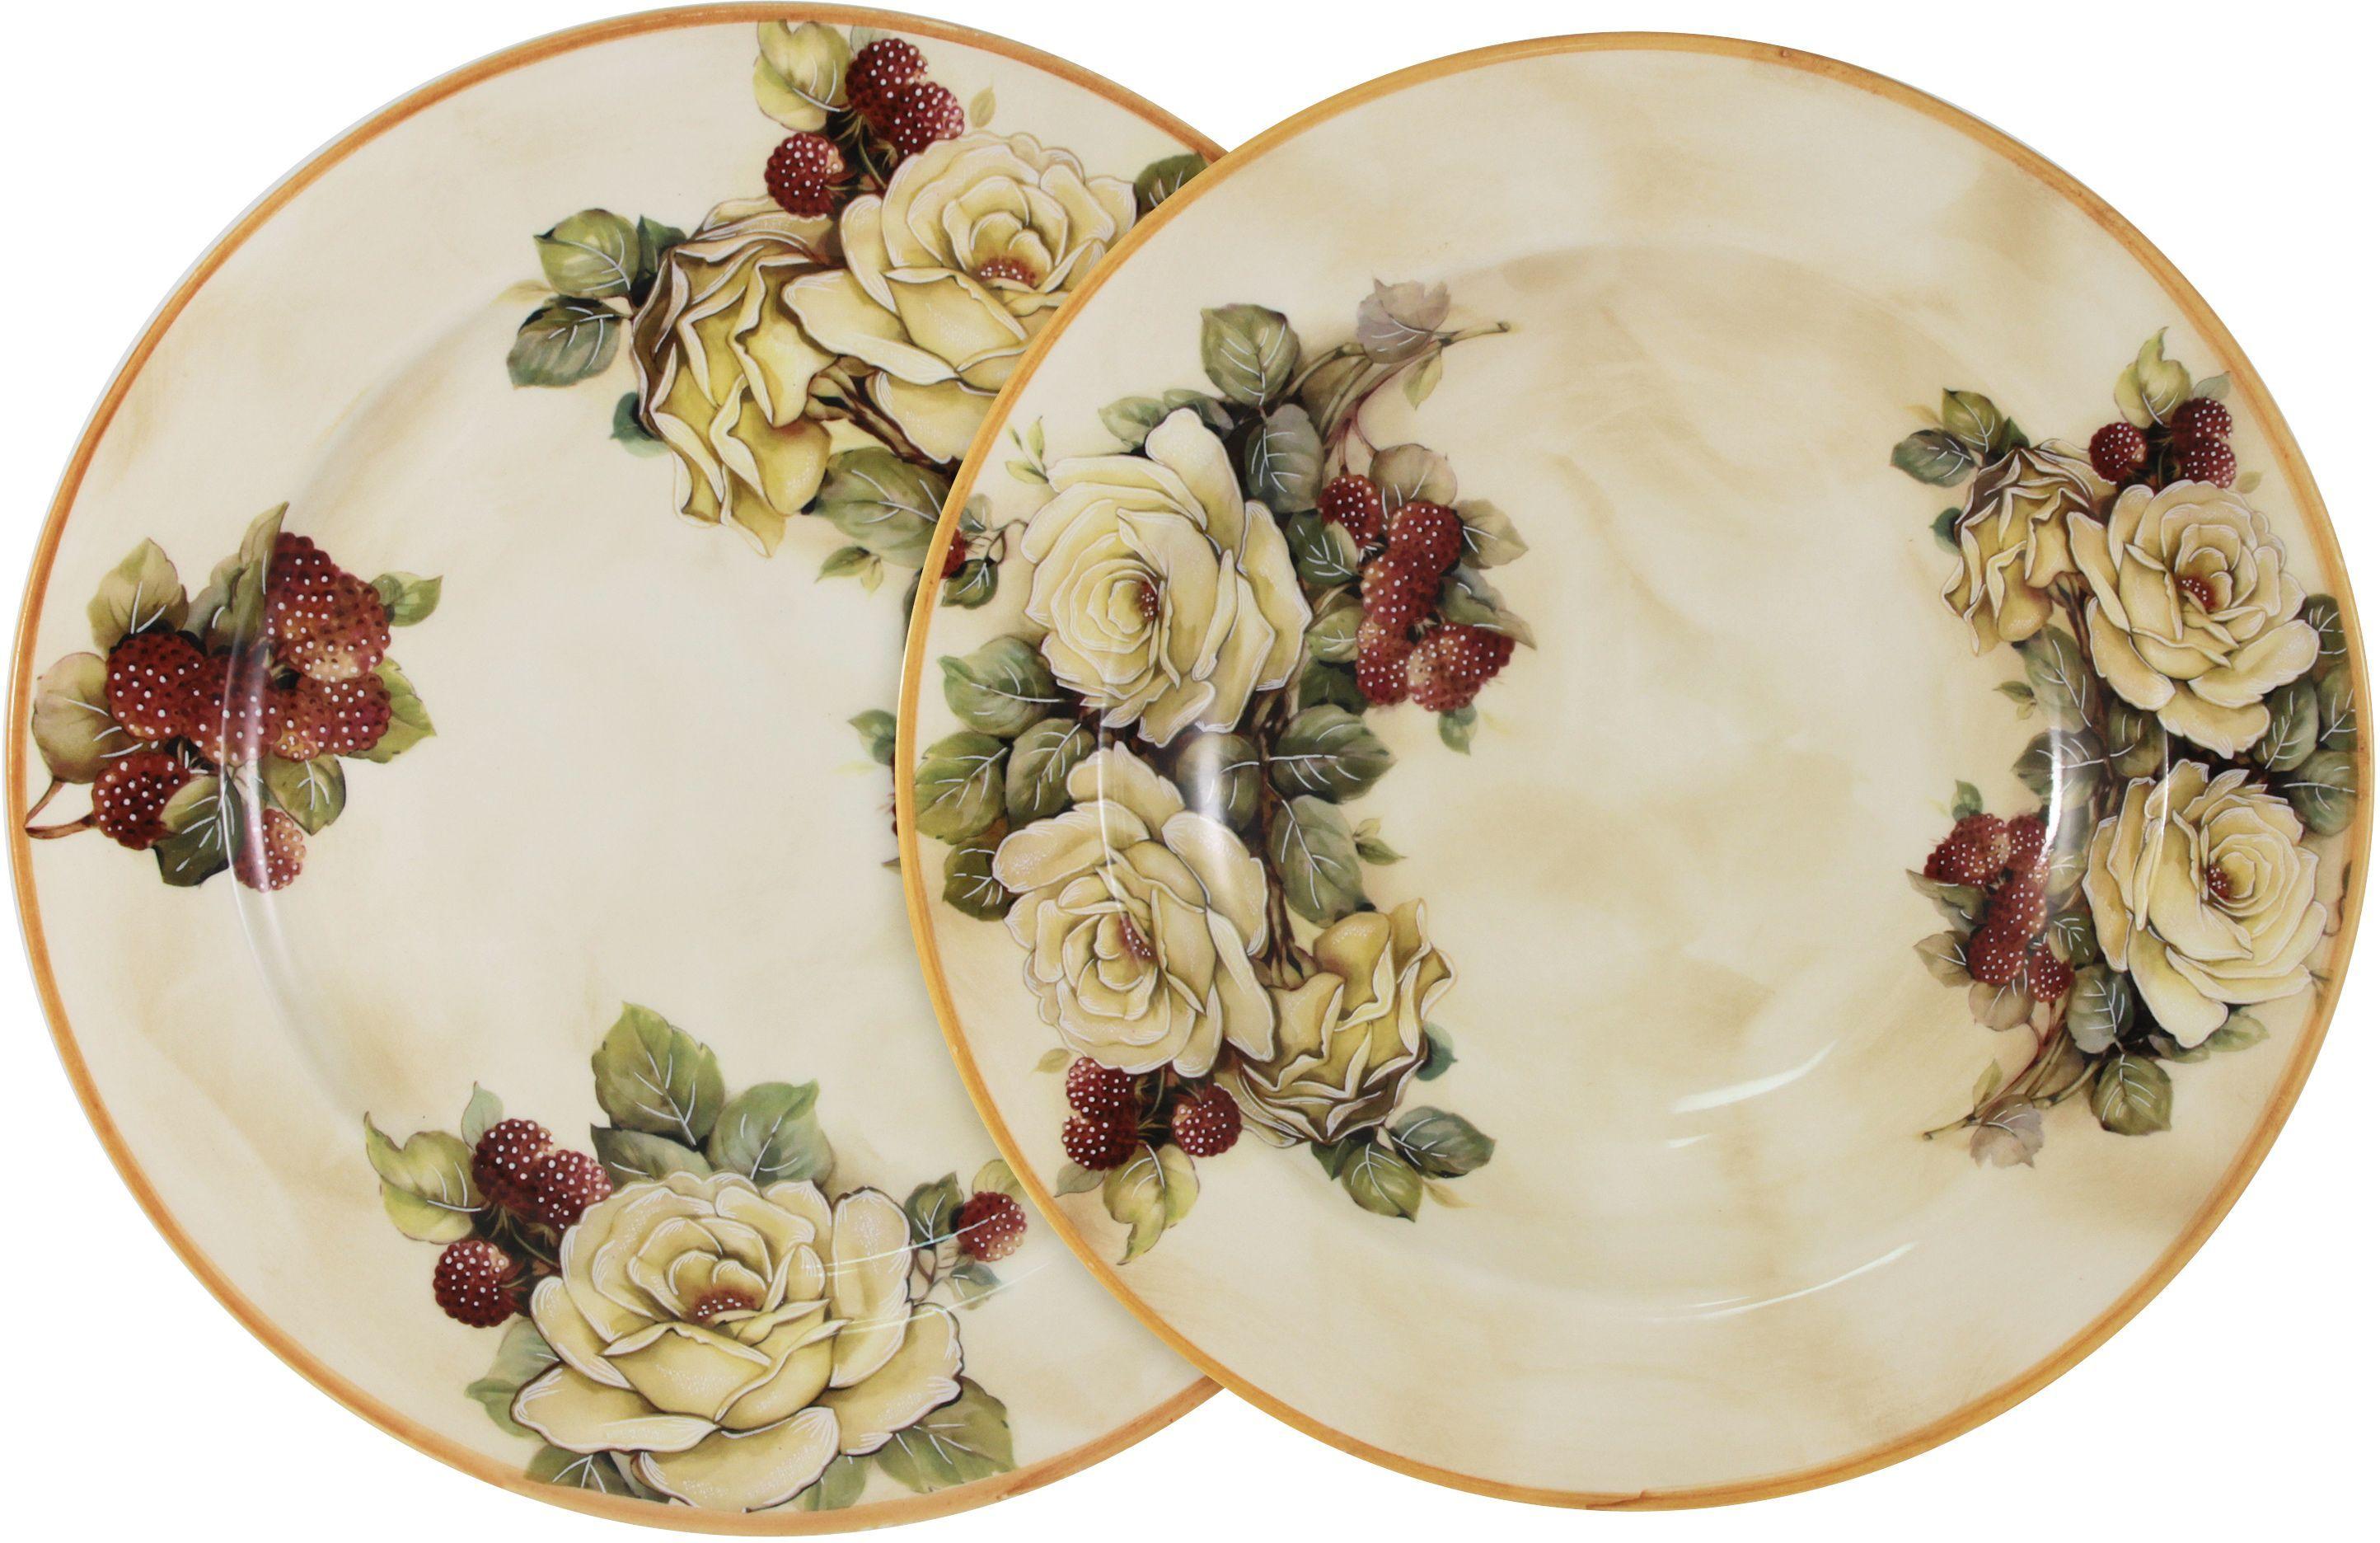 """Набор LCS """"Роза и малина"""" состоит из суповой и обеденной тарелок,  изготовленных из высококачественной керамики. Сервировка праздничного стола таким набором станет великолепным украшением  любого торжества.  Диаметр суповой тарелки: 23,5 см. Диаметр обеденной тарелки: 25 см.  """"LCS"""" - молодая, динамично развивающаяся итальянская компания из Флоренции,   производящая разнообразную керамическую посуду и изделия для украшения  интерьера. В своих дизайнах """"LCS"""" использует как классические, так и  современные тенденции. Высокий стандарт изделий обеспечивается за счет соединения высоко  технологичного  производства и использования ручной работы  профессиональных дизайнеров и  художников, работающих на фабрике."""